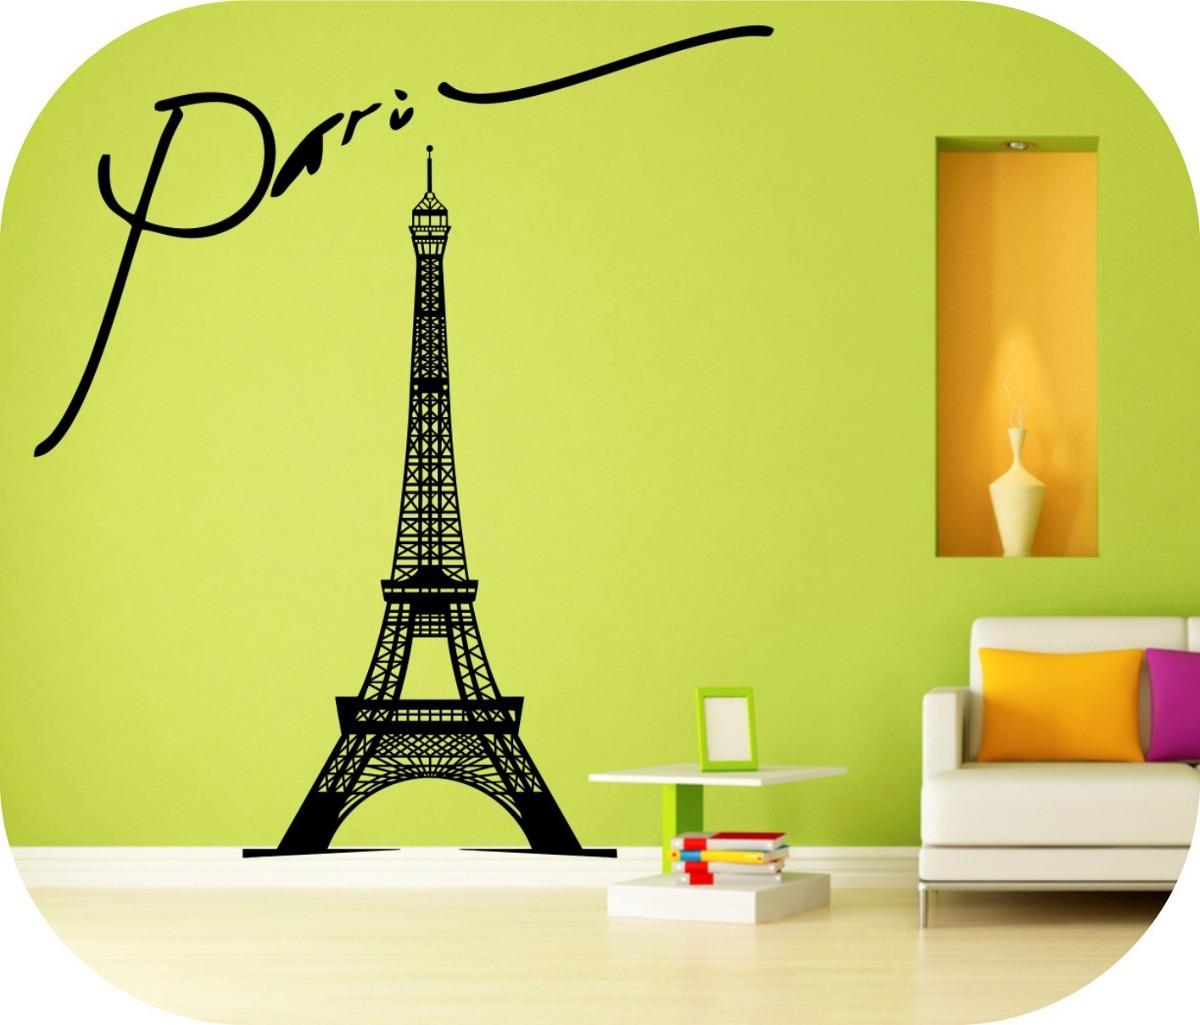 Vinilos decorativos para tu hogar rotulados paredes for Vinilos decorativos pared musicales